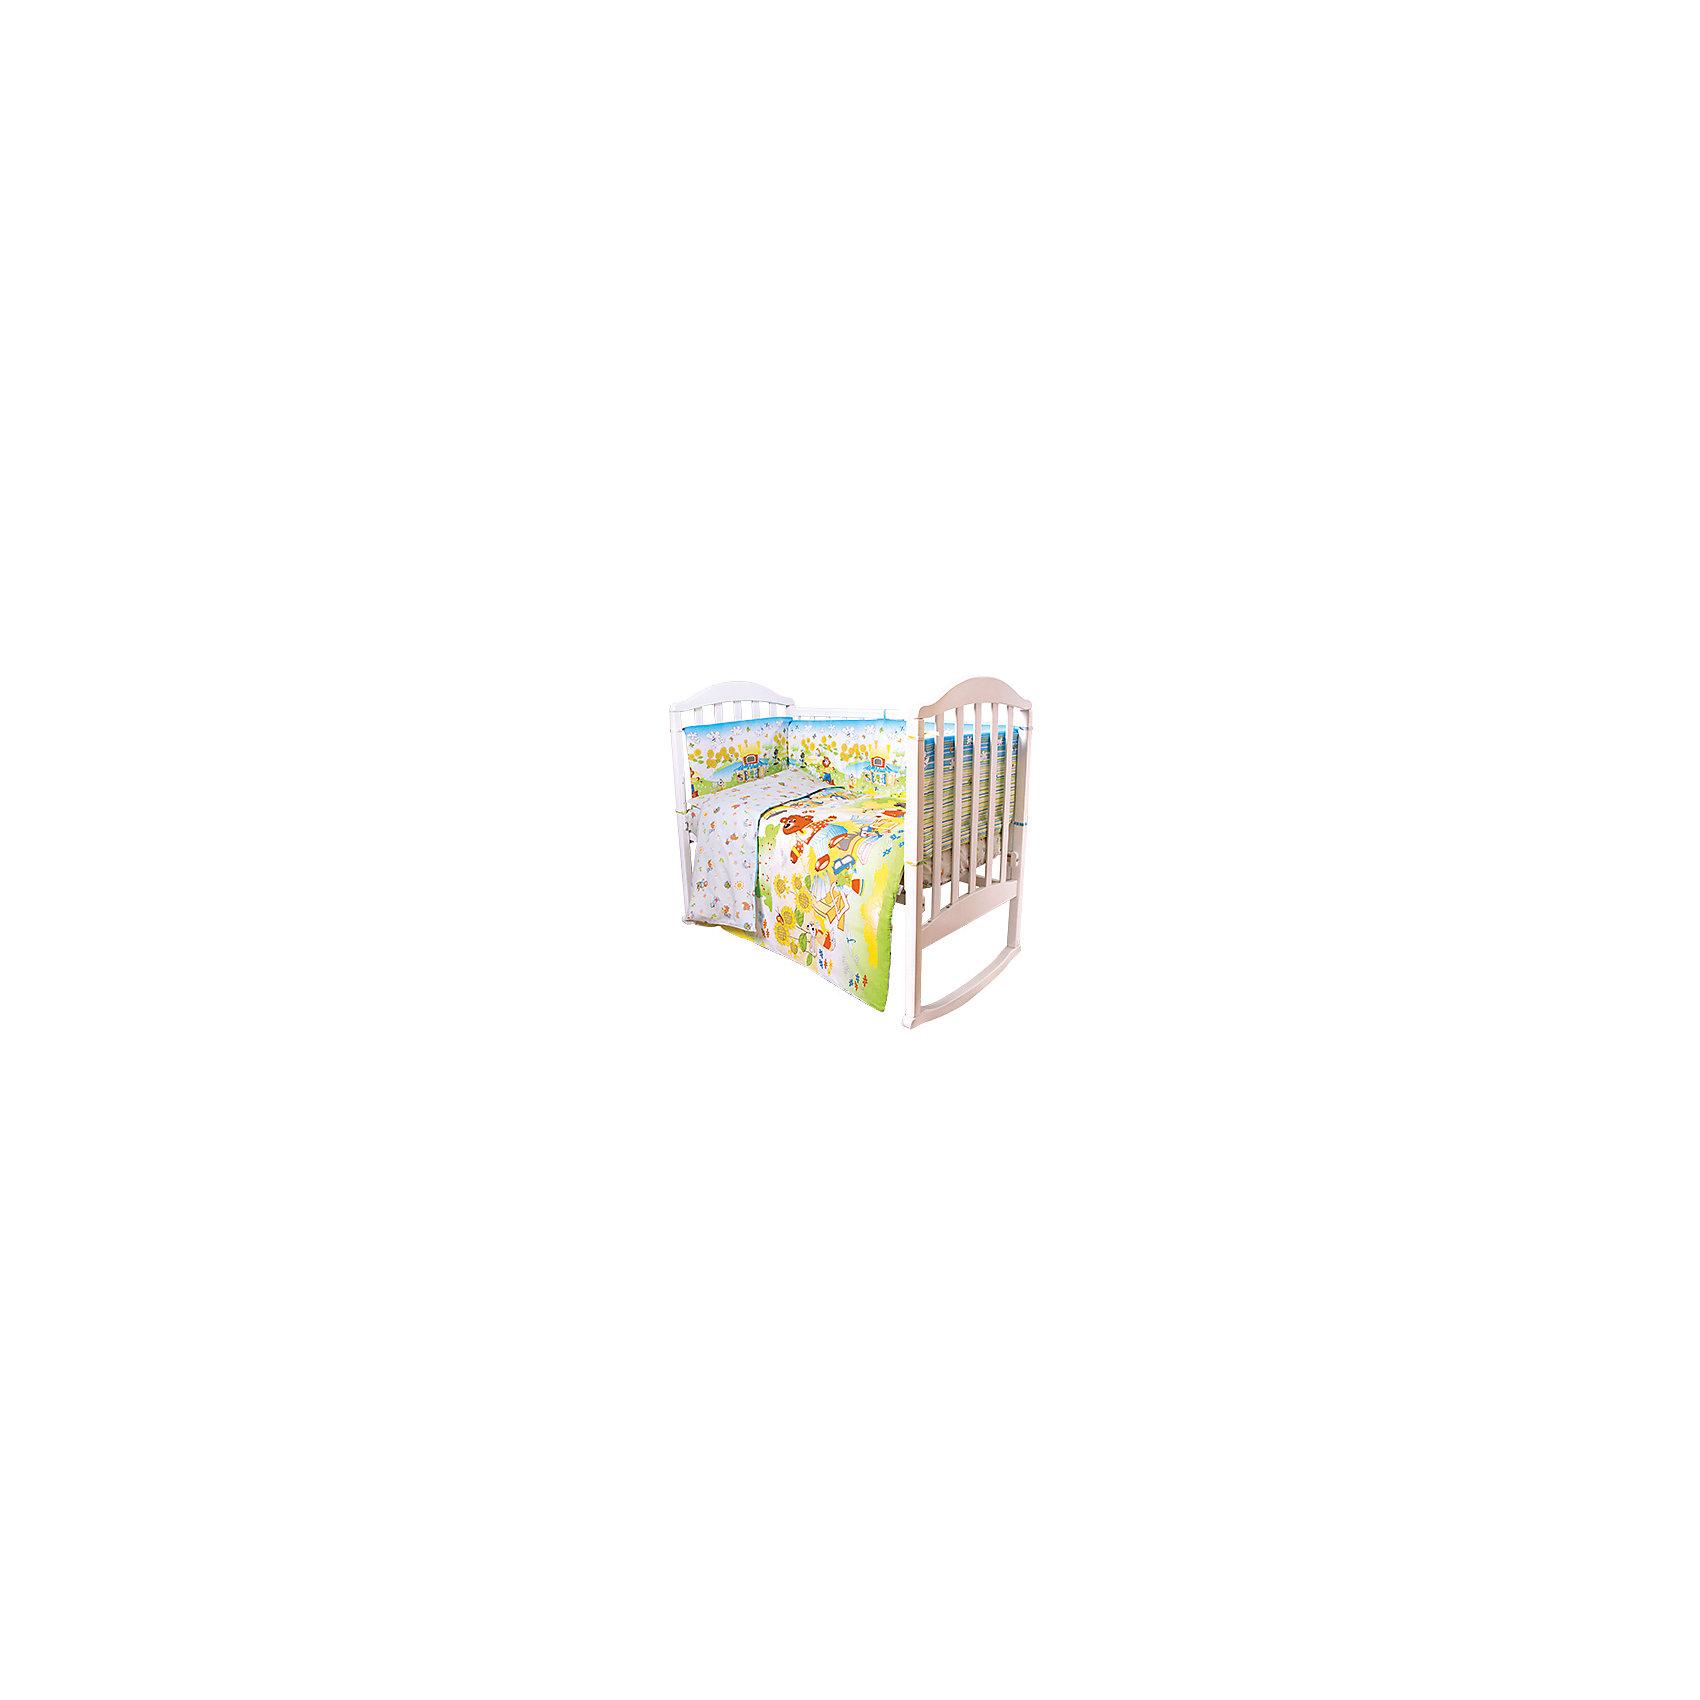 Постельное белье Теремок Сказки 6 пред., Baby Nice, салатовыйПостельное бельё<br>Малыши требуют особой заботы. Постельное белье для них должно быть качественным и безопасным. Этот комплект обеспечит малышу комфорт и тепло в кроватке. Он украшен симпатичным принтом.<br>Набор сшит из натуральной дышащего материала - хлопка, мягкого и приятного на ощупь. Она не вызывает аллергии, что особенно важно для малышей. Также материал обеспечит хорошую терморегуляцию. Комплект сделан из высококачественных материалов, безопасных для ребенка.<br><br>Дополнительная информация:<br><br>цвет: салатовый;<br>материал: 100% хлопок, наполнитель - файбер;<br>комплектация: простыня 112 х 147 см, пододеяльник 112 х 147 см, наволочка 40 х 60, борт( 120х35-2 шт., 60х35-2 шт.), одеяло 110 х 140 см, подушка 40 х 60 см.;<br>принт.<br><br>Постельное белье Теремок Сказки 6 пред., от компании Baby Nice можно купить в нашем магазине.<br><br>Ширина мм: 250<br>Глубина мм: 600<br>Высота мм: 450<br>Вес г: 1200<br>Возраст от месяцев: 0<br>Возраст до месяцев: 36<br>Пол: Унисекс<br>Возраст: Детский<br>SKU: 4941796